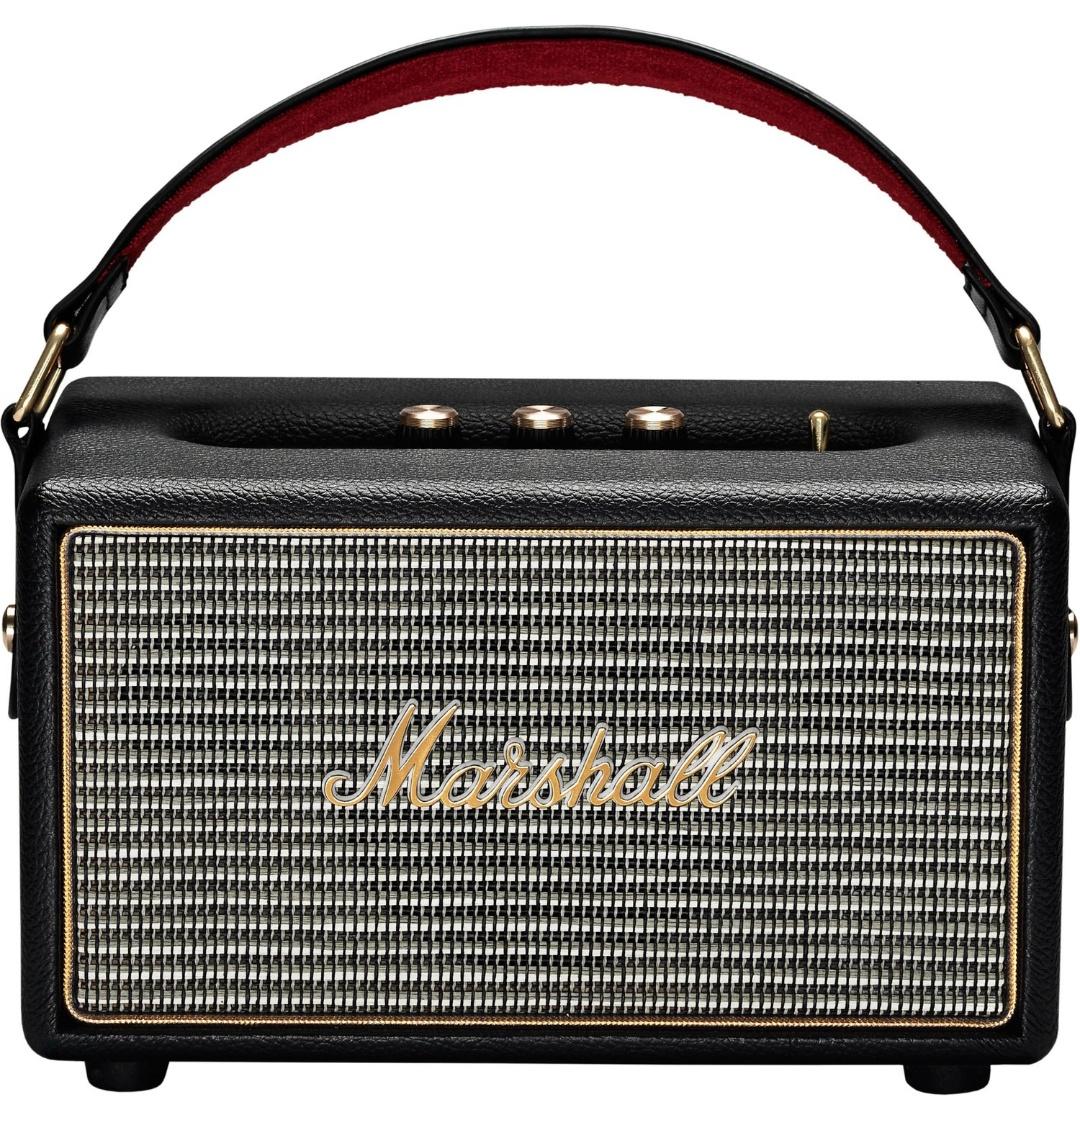 [Cyberport] Marshall Kilburn tragbarer Bluetooth Lautsprecher (20 h Spielzeit, Bluetooth 4.0, 3,5 mm Klinke, 25 Watt) schwarz